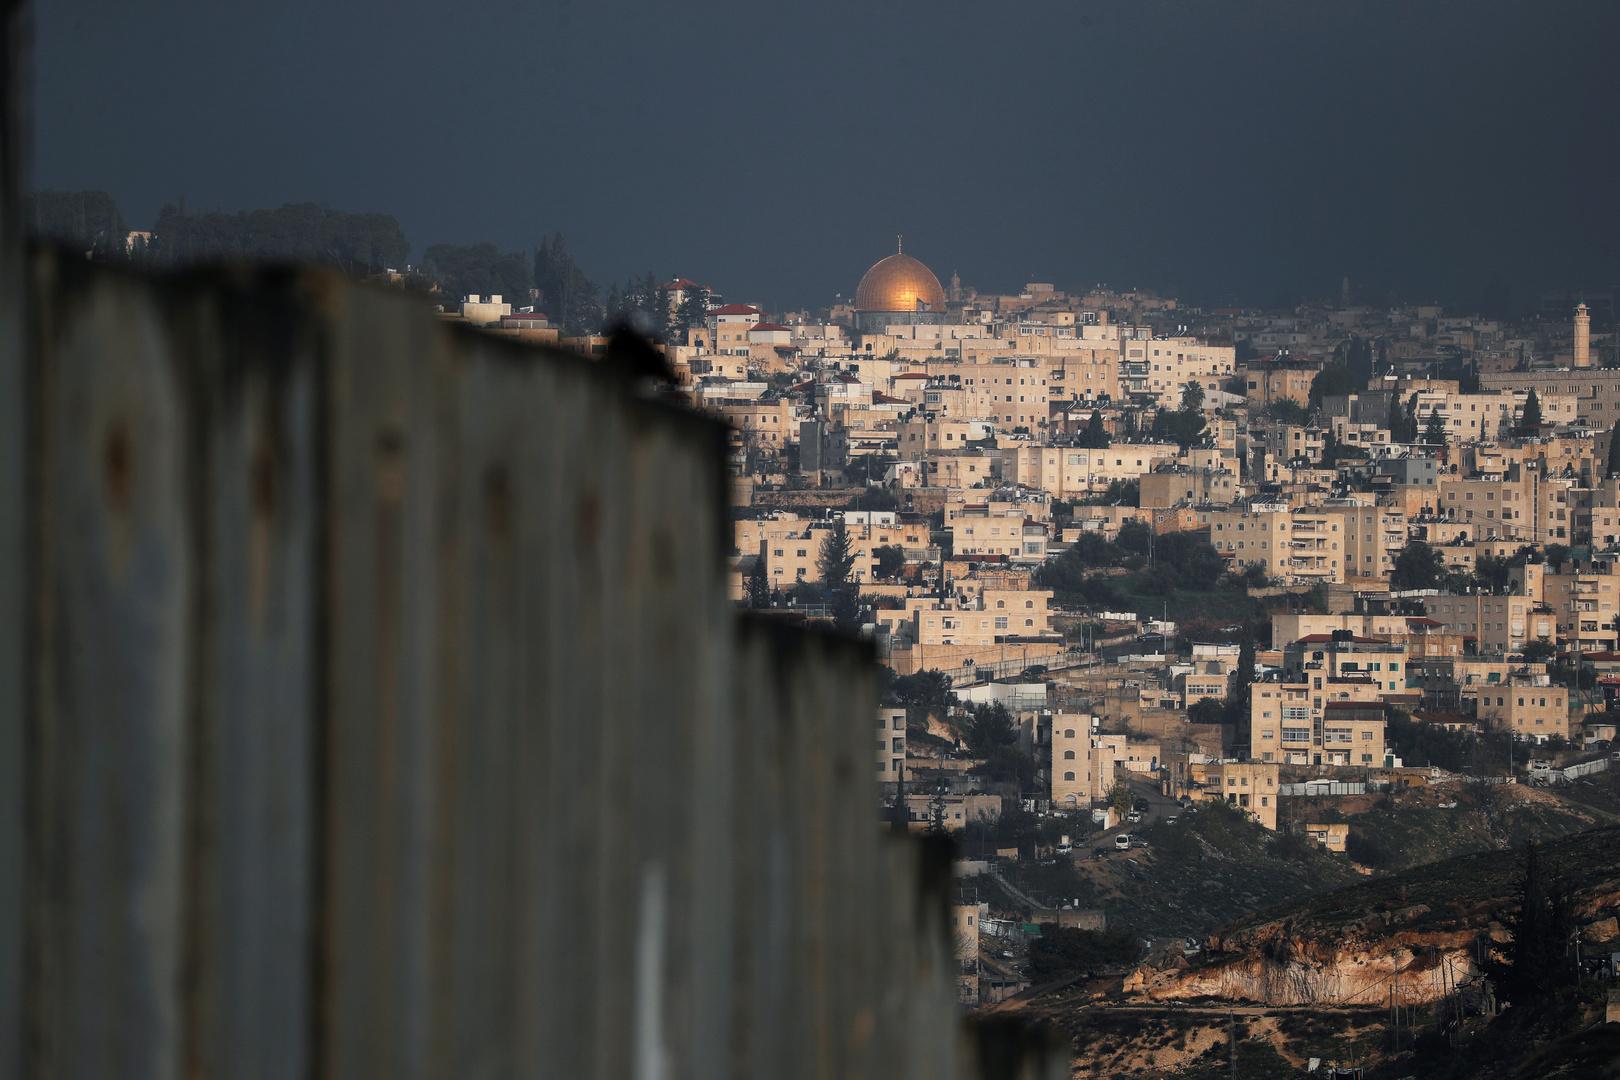 السلطة الفلسطينية: نتنياهو يحاول تفجير الوضع في القدس لمنع تشكيل